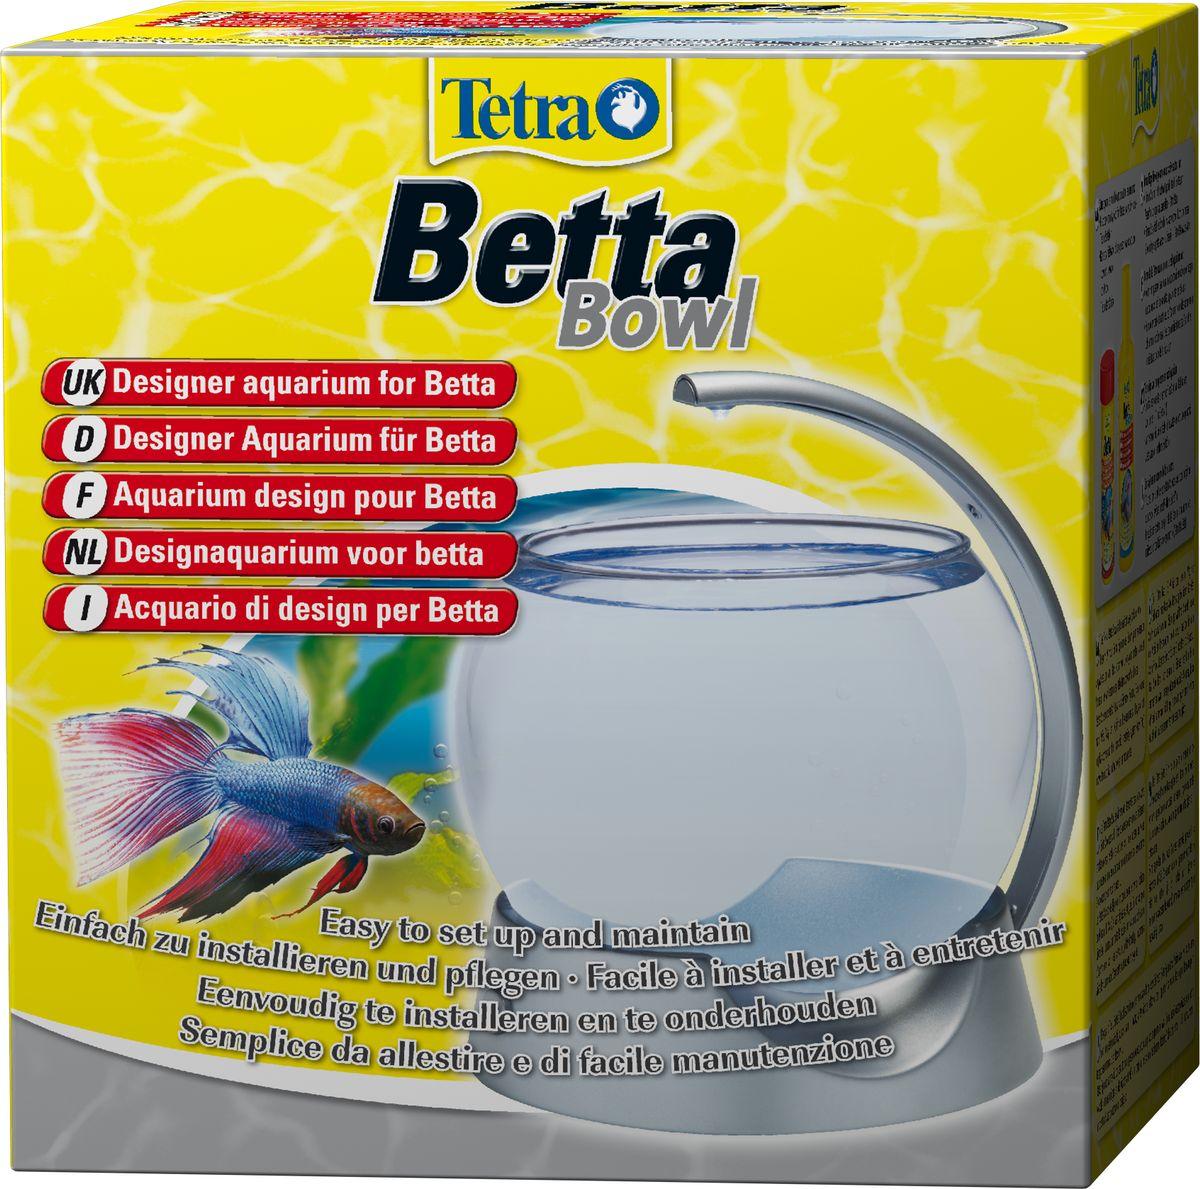 Аквариум-шар для петушков Tetra Betta Bowl с освещением, 1,8 л193949Дизайнерский аквариум современного дизайна прост в установке и использовании. Эффективное и долговечное LED освещение. Высококачественный и прочный стеклянный аквариум. Работа от батареек - для дополнительной безопасности. Объем: 1,8 л. Гарантия 2 года (не распространяется на освещение).